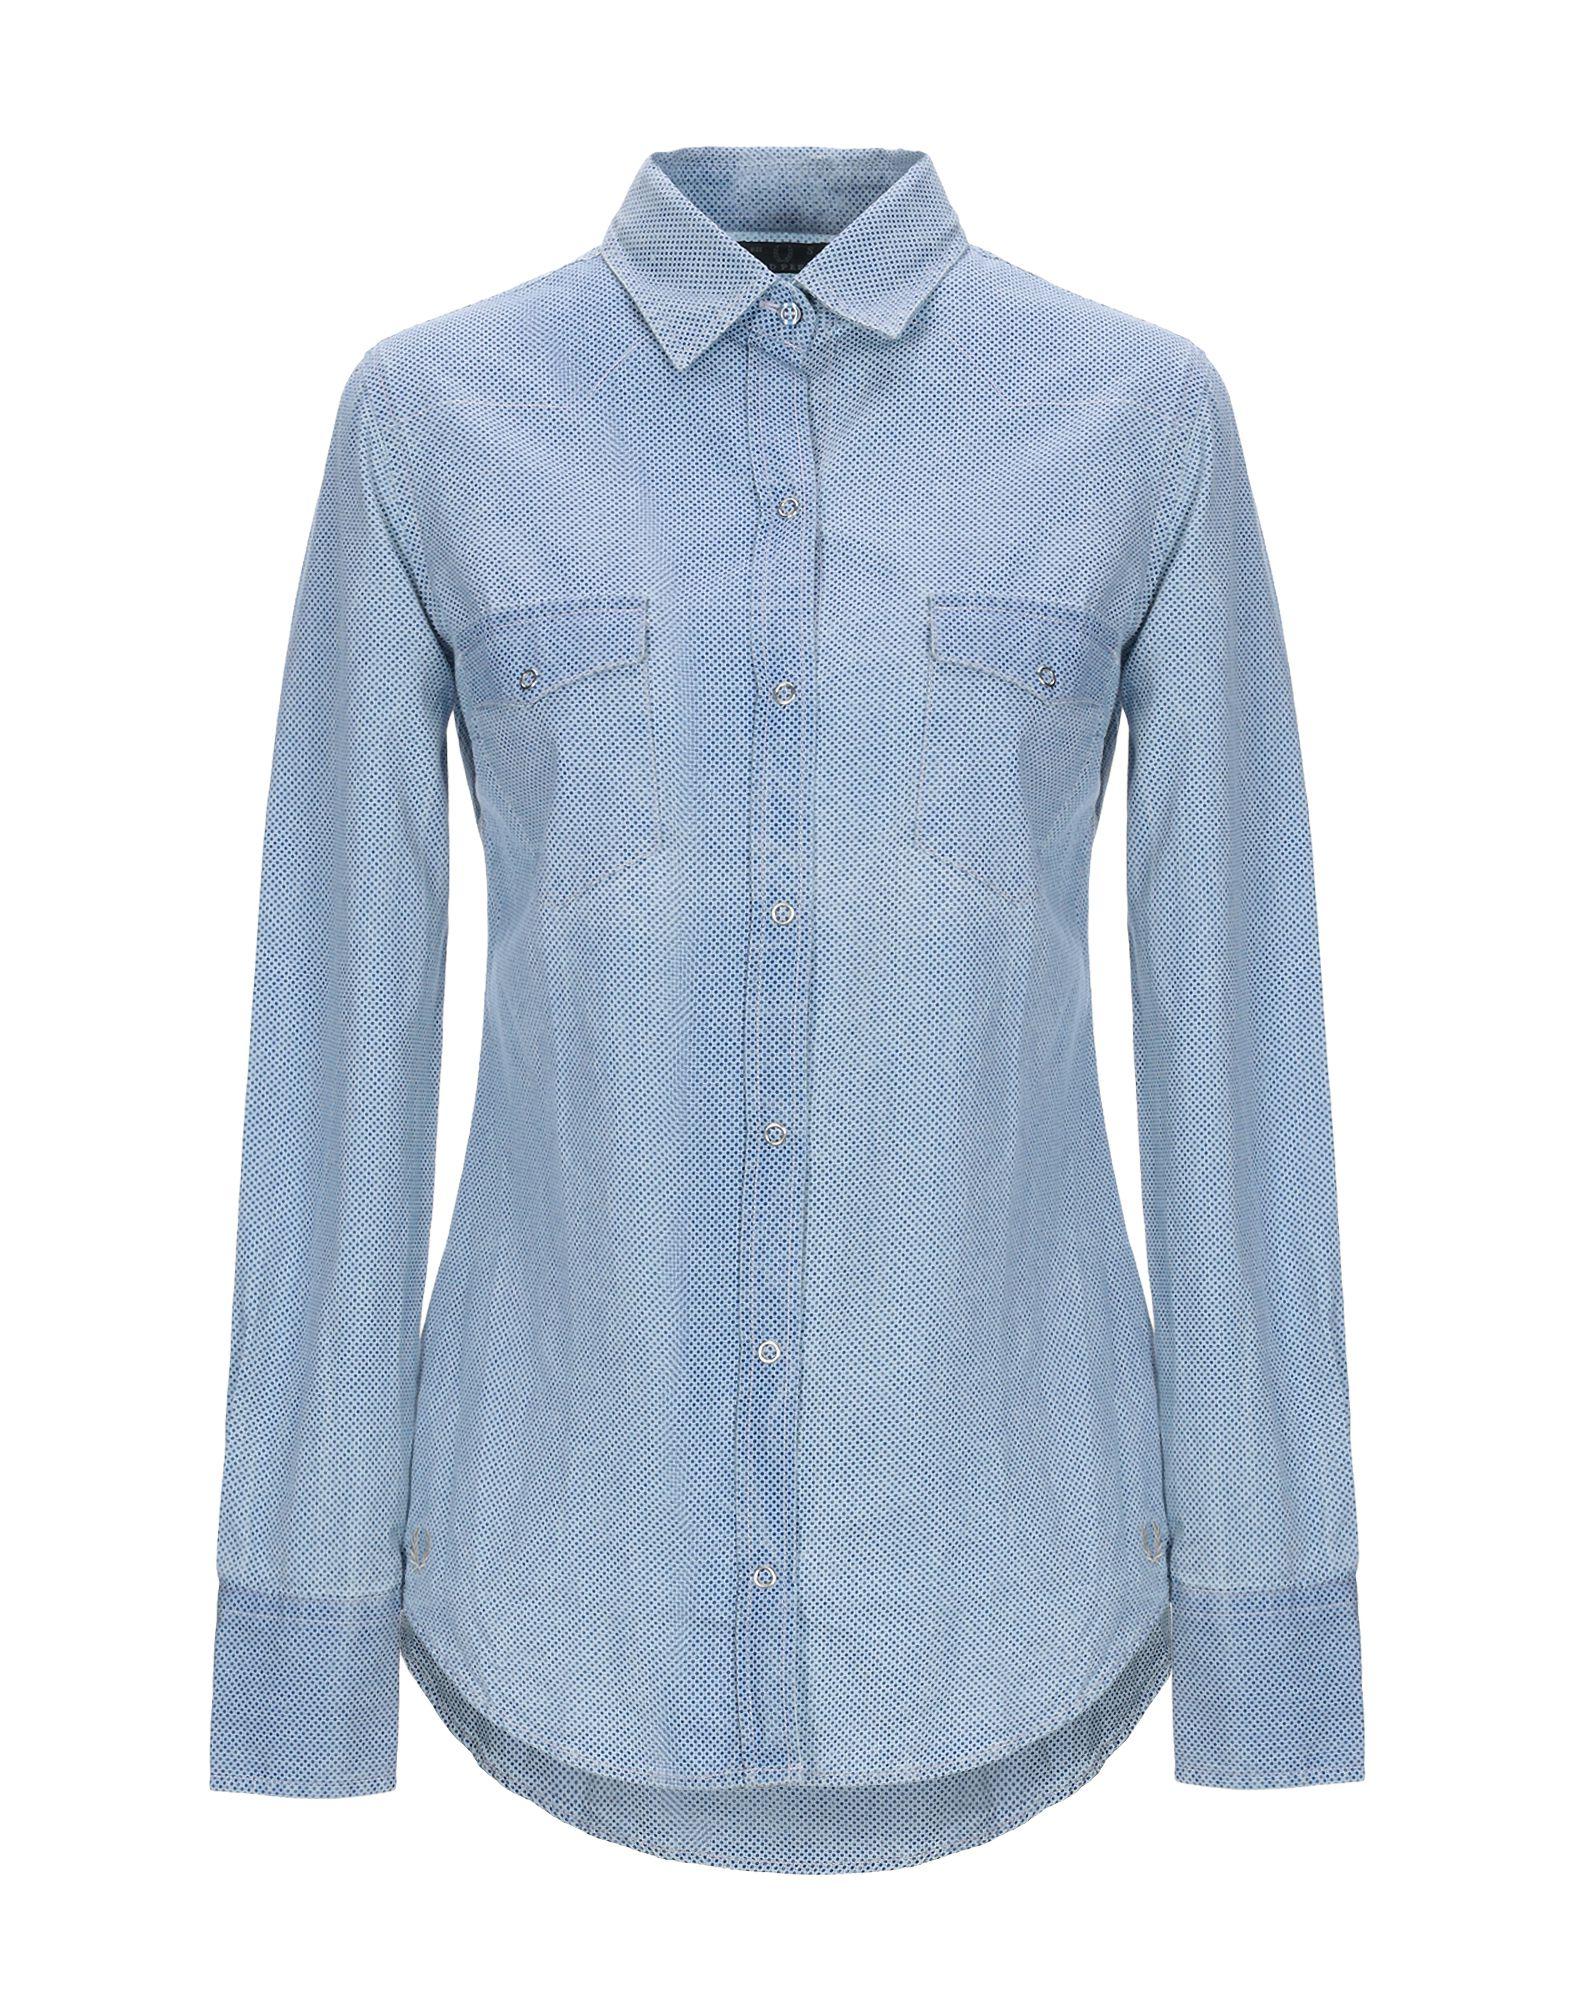 FRED PERRY Джинсовая рубашка рубашка мужская fred perry 65 incoool 15